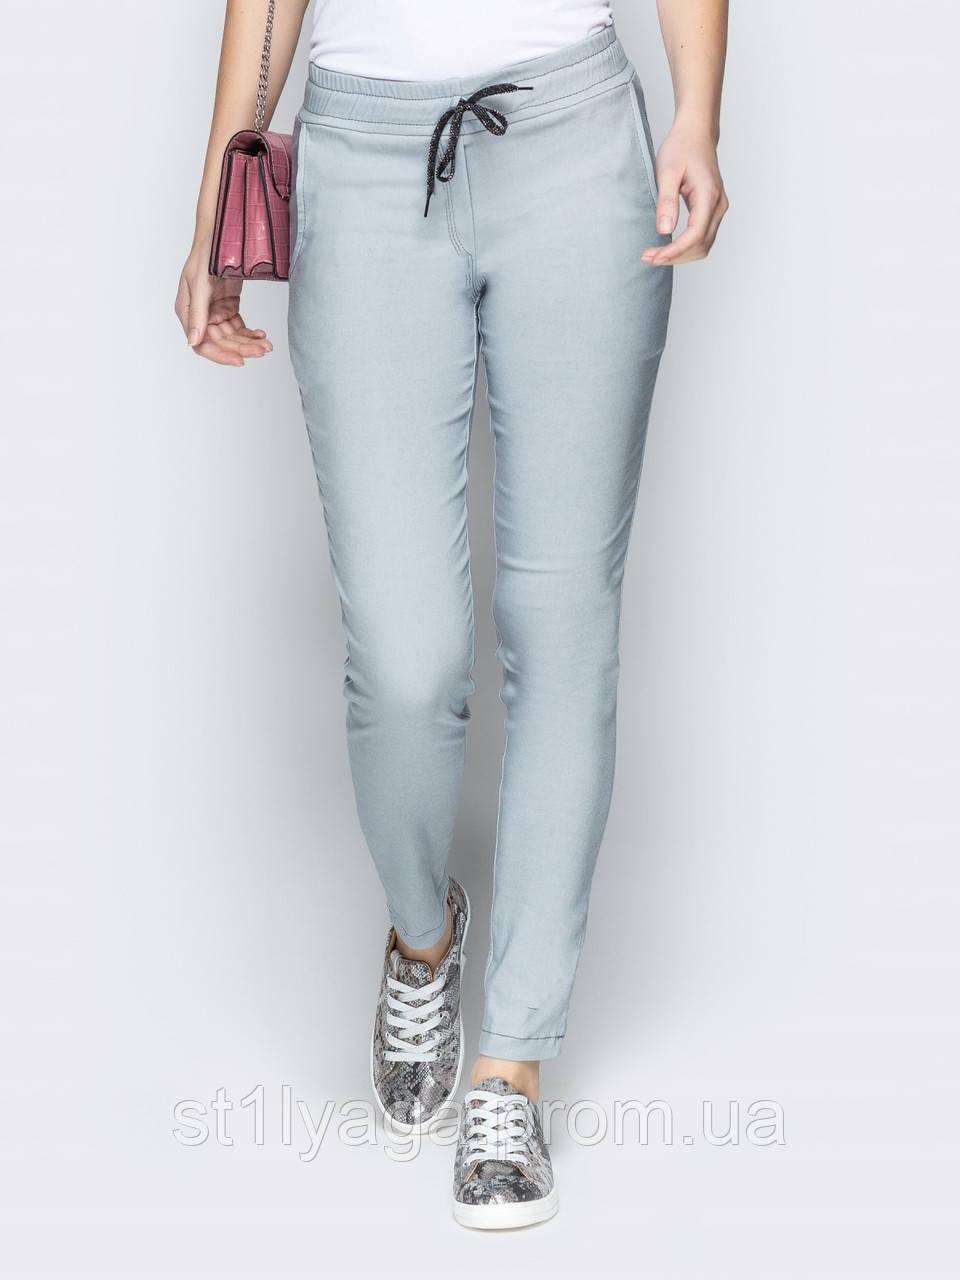 Зауженные брюки  со средней посадкой ВЕСНА